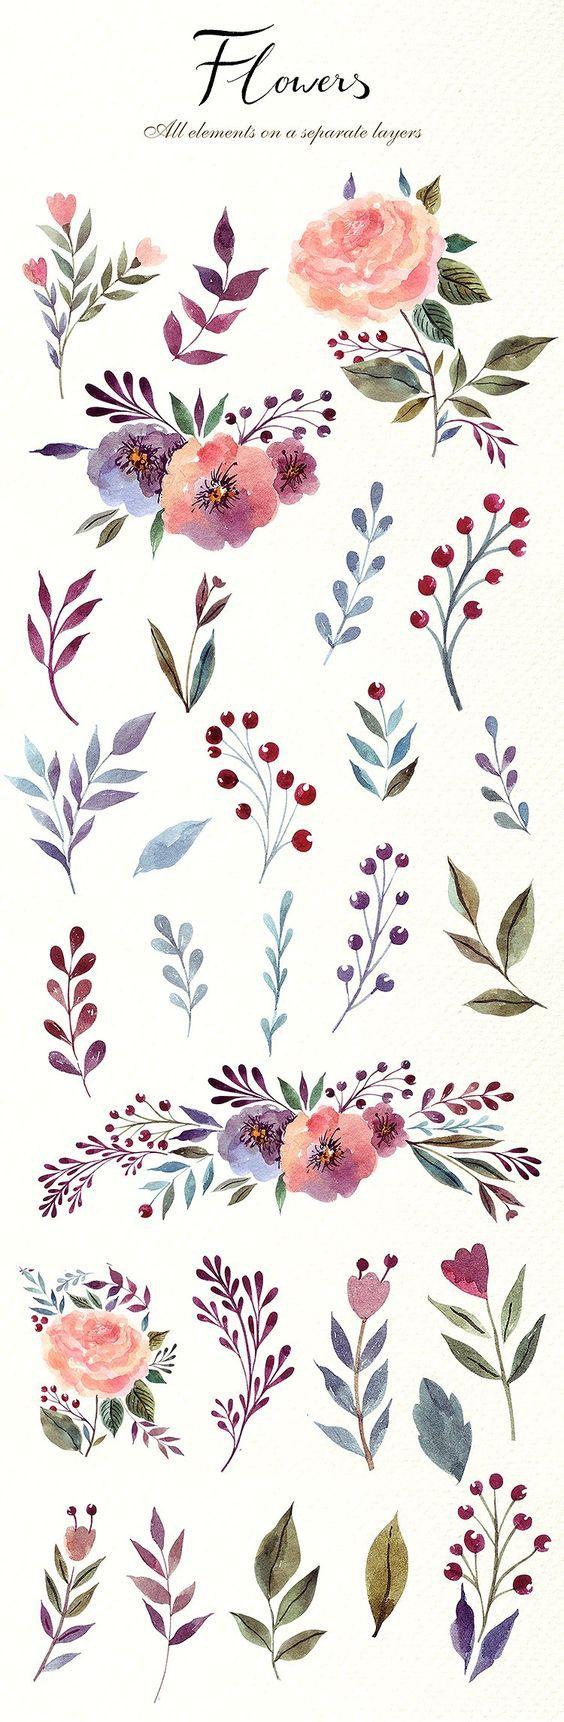 Arabesco para convites de casamento, florais lindos para criação de convites. Baixar Gratis Manual dos padrinhos editavel.